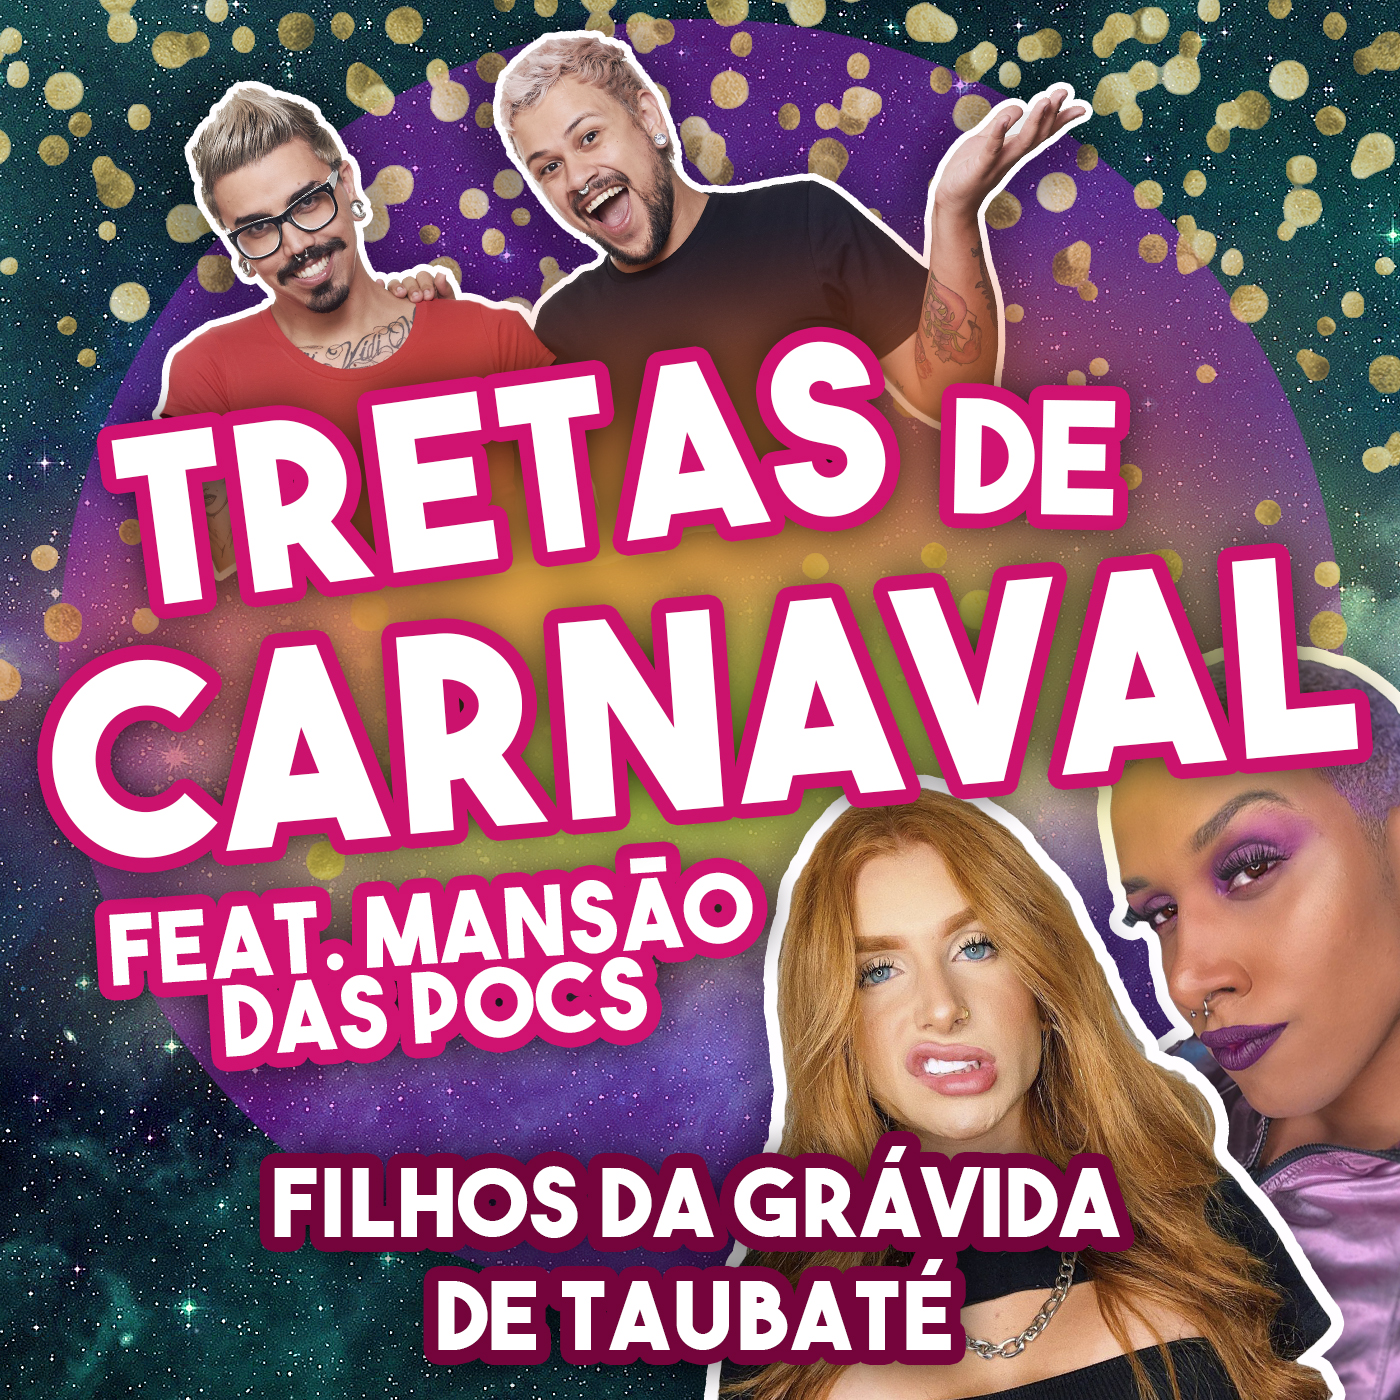 #118 - Tretas de Carnaval feat. Mansão das Pocs